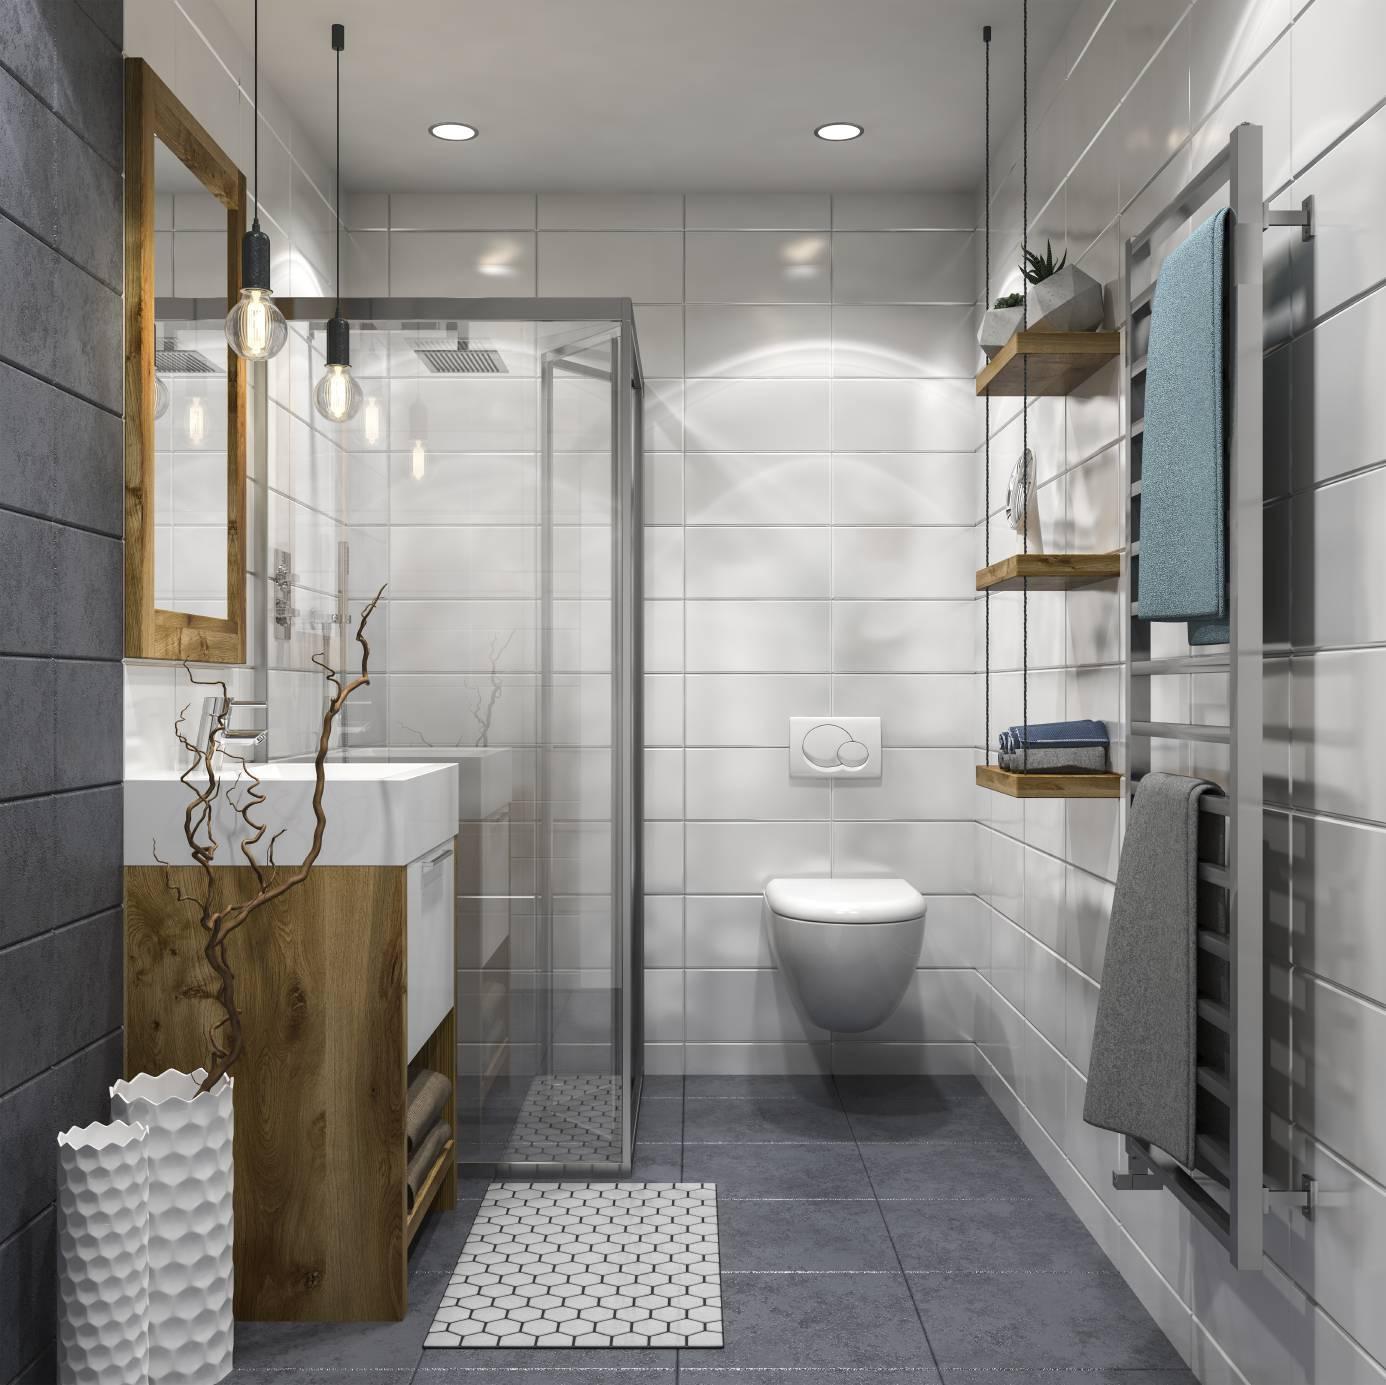 conseils pour l 39 clairage de votre salle de bains